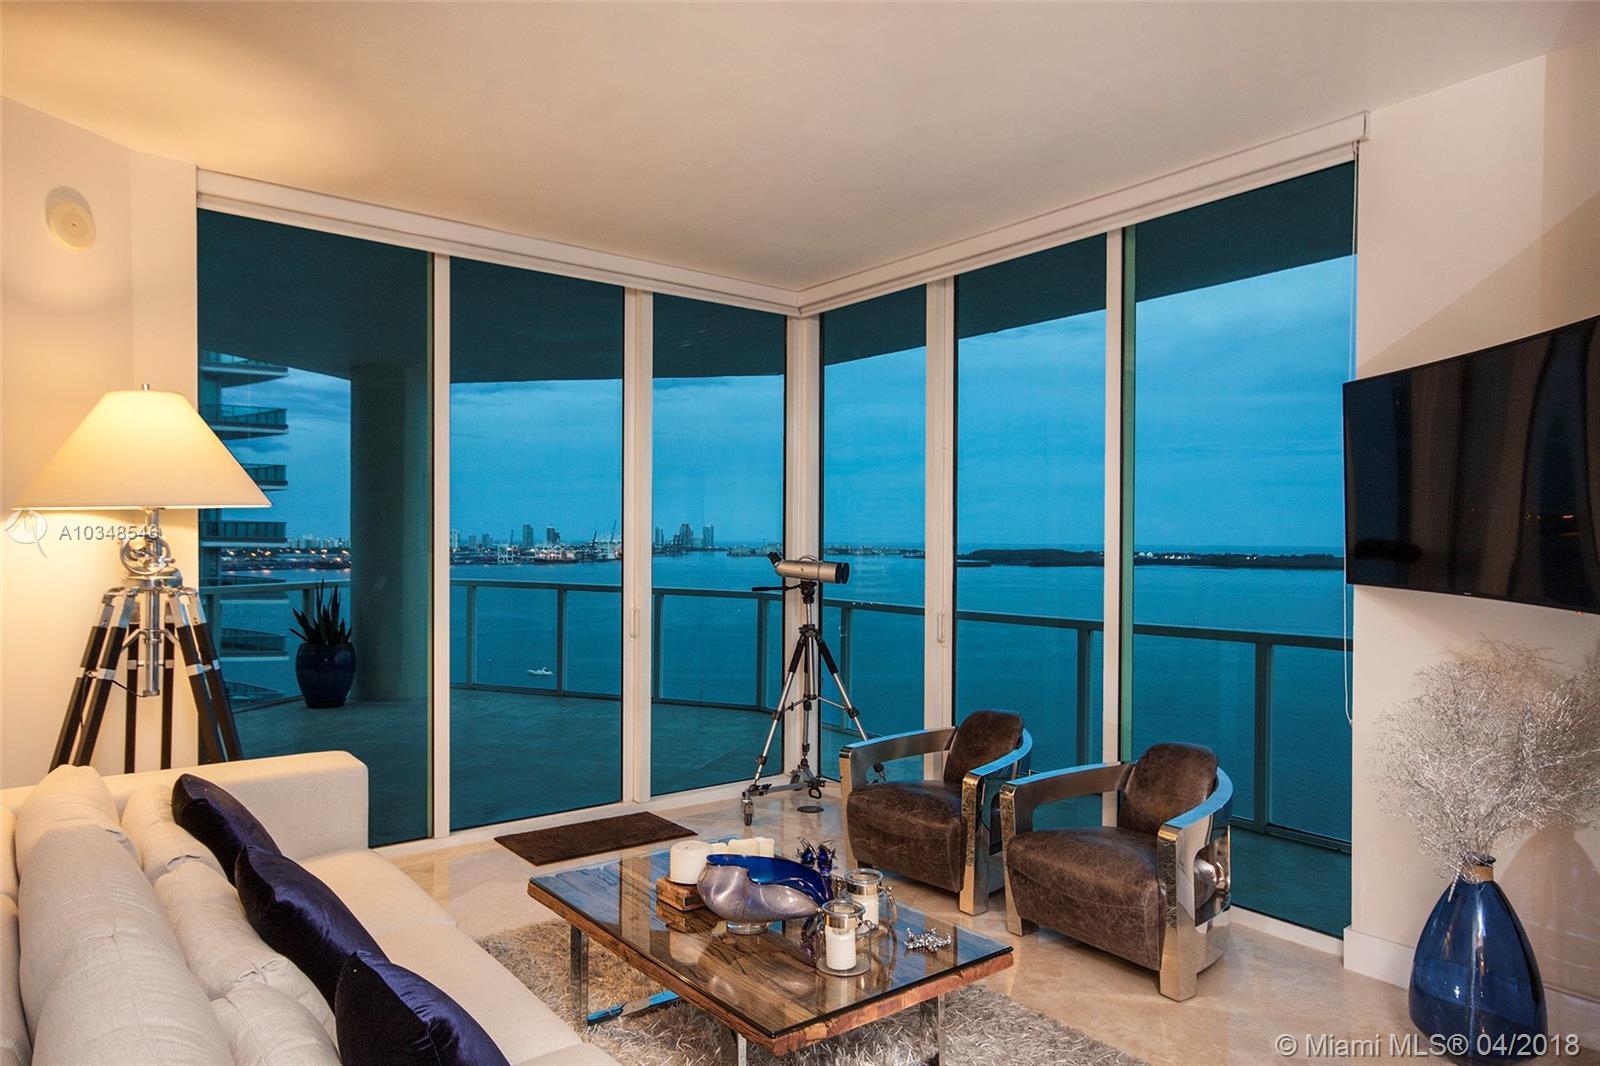 218 SE 14th St, Miami, Fl 33131, Emerald at Brickell #TS101, Brickell, Miami A10348546 image #1